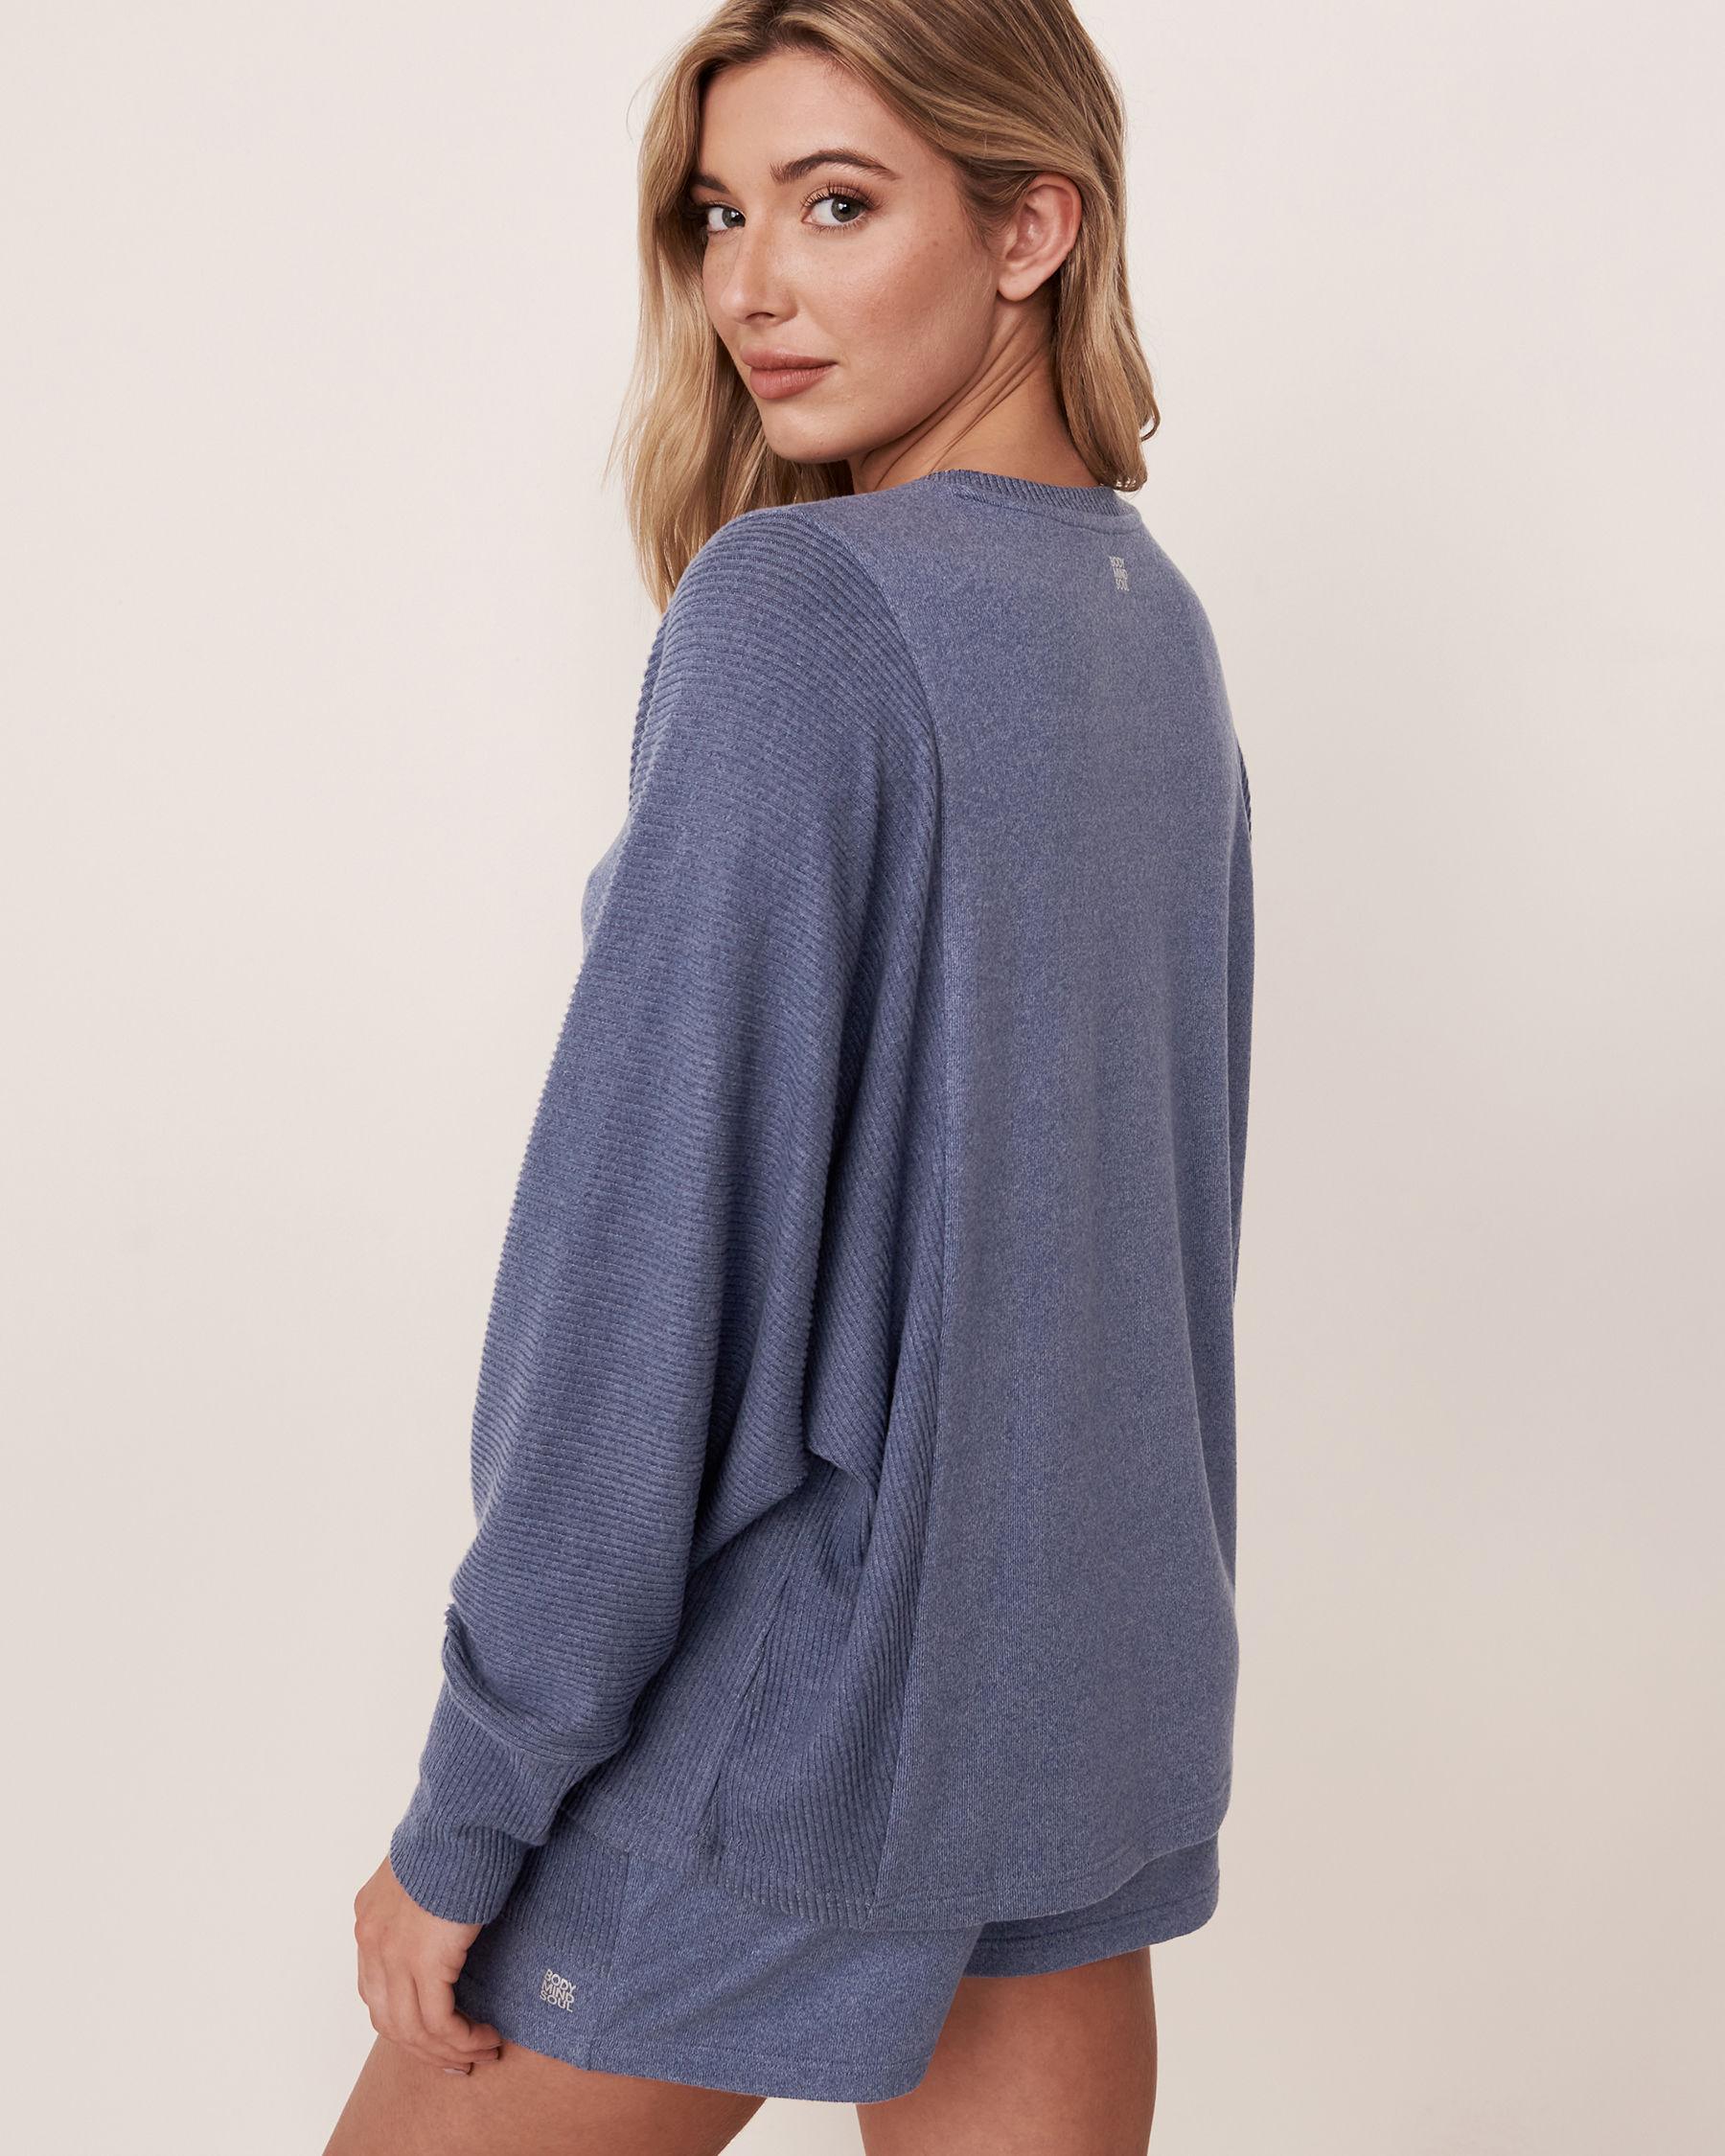 LA VIE EN ROSE Chandail manches longues en tricot doux Mélange bleu jeans 50100012 - Voir2